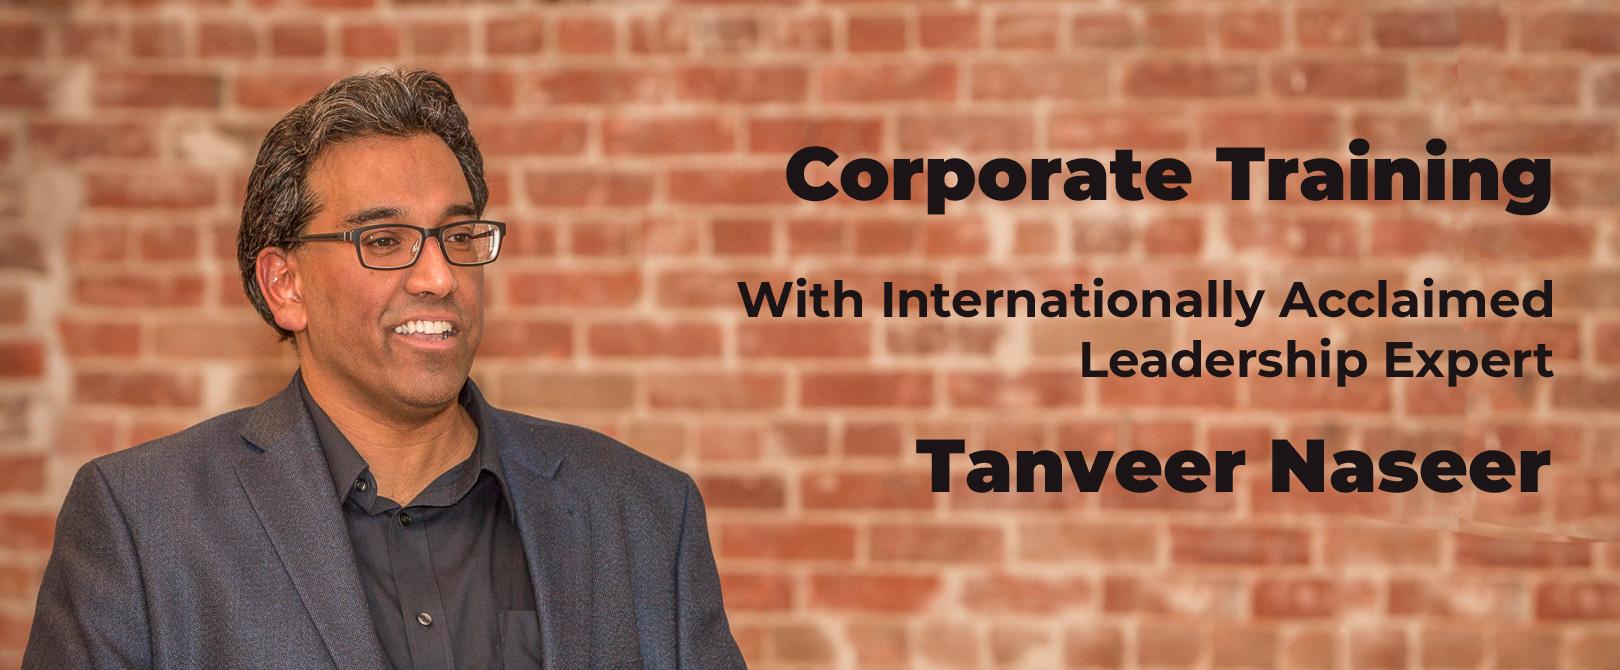 Tanveer Naseer - Corporate Training